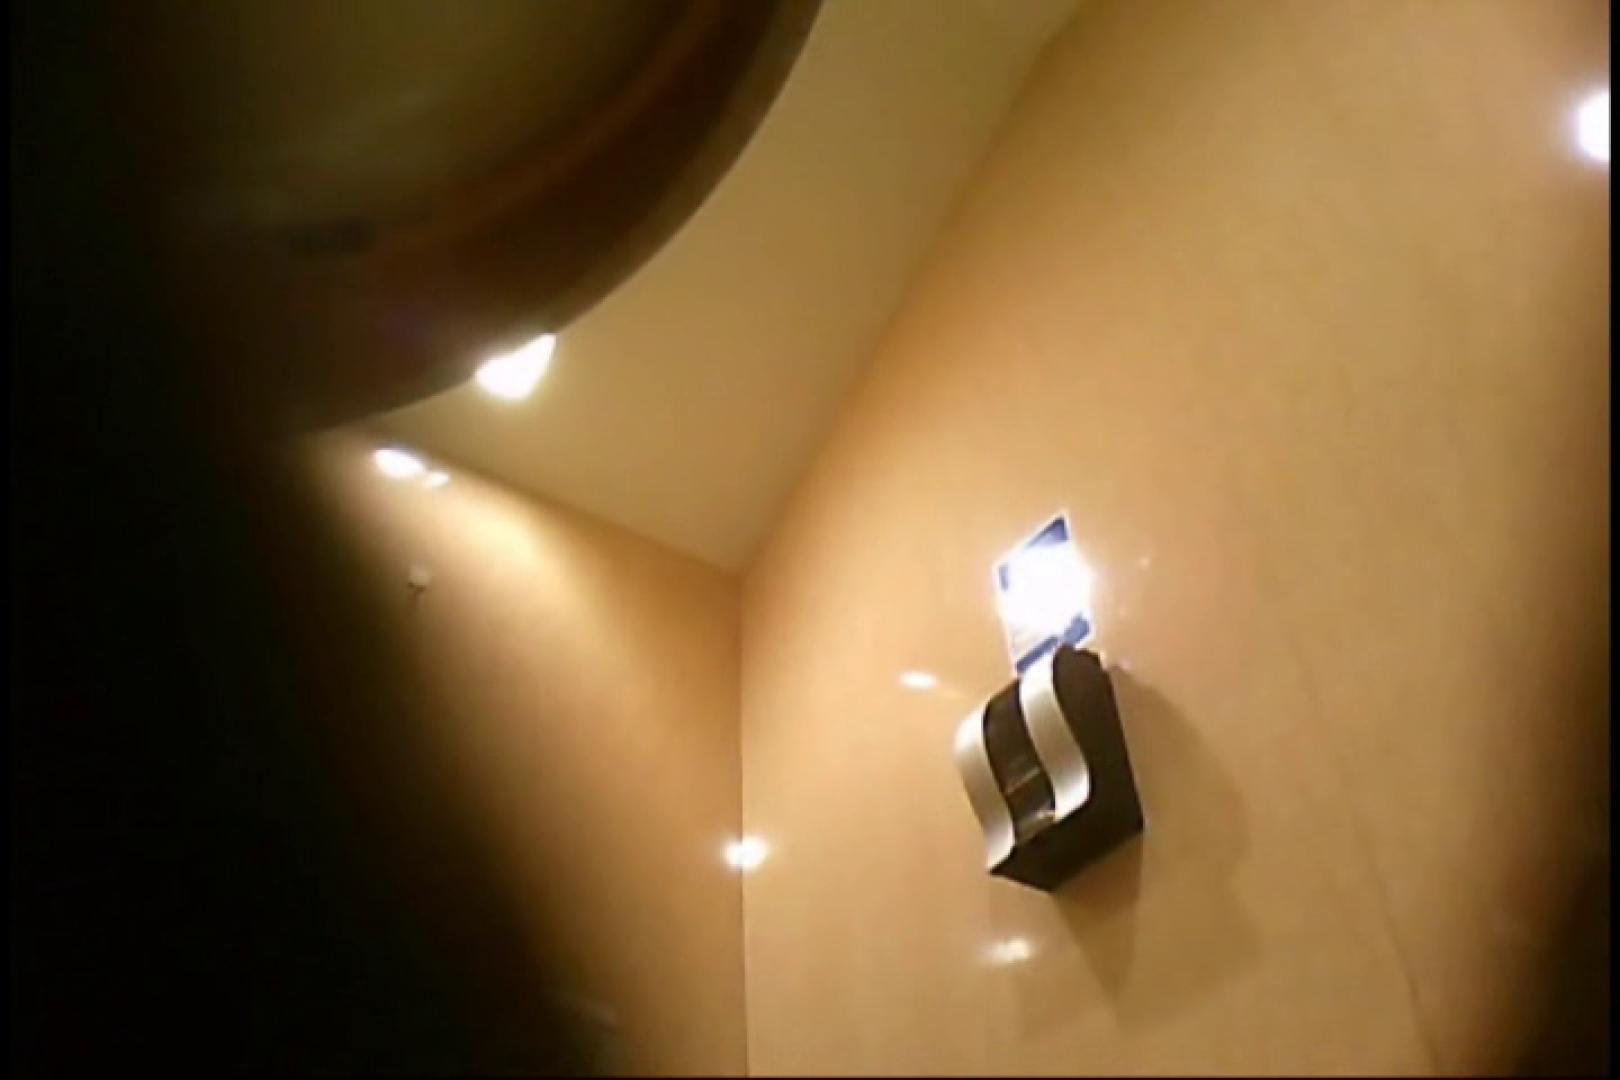 画質向上!新亀さん厠 vol.18 美しいOLの裸体  69pic 66